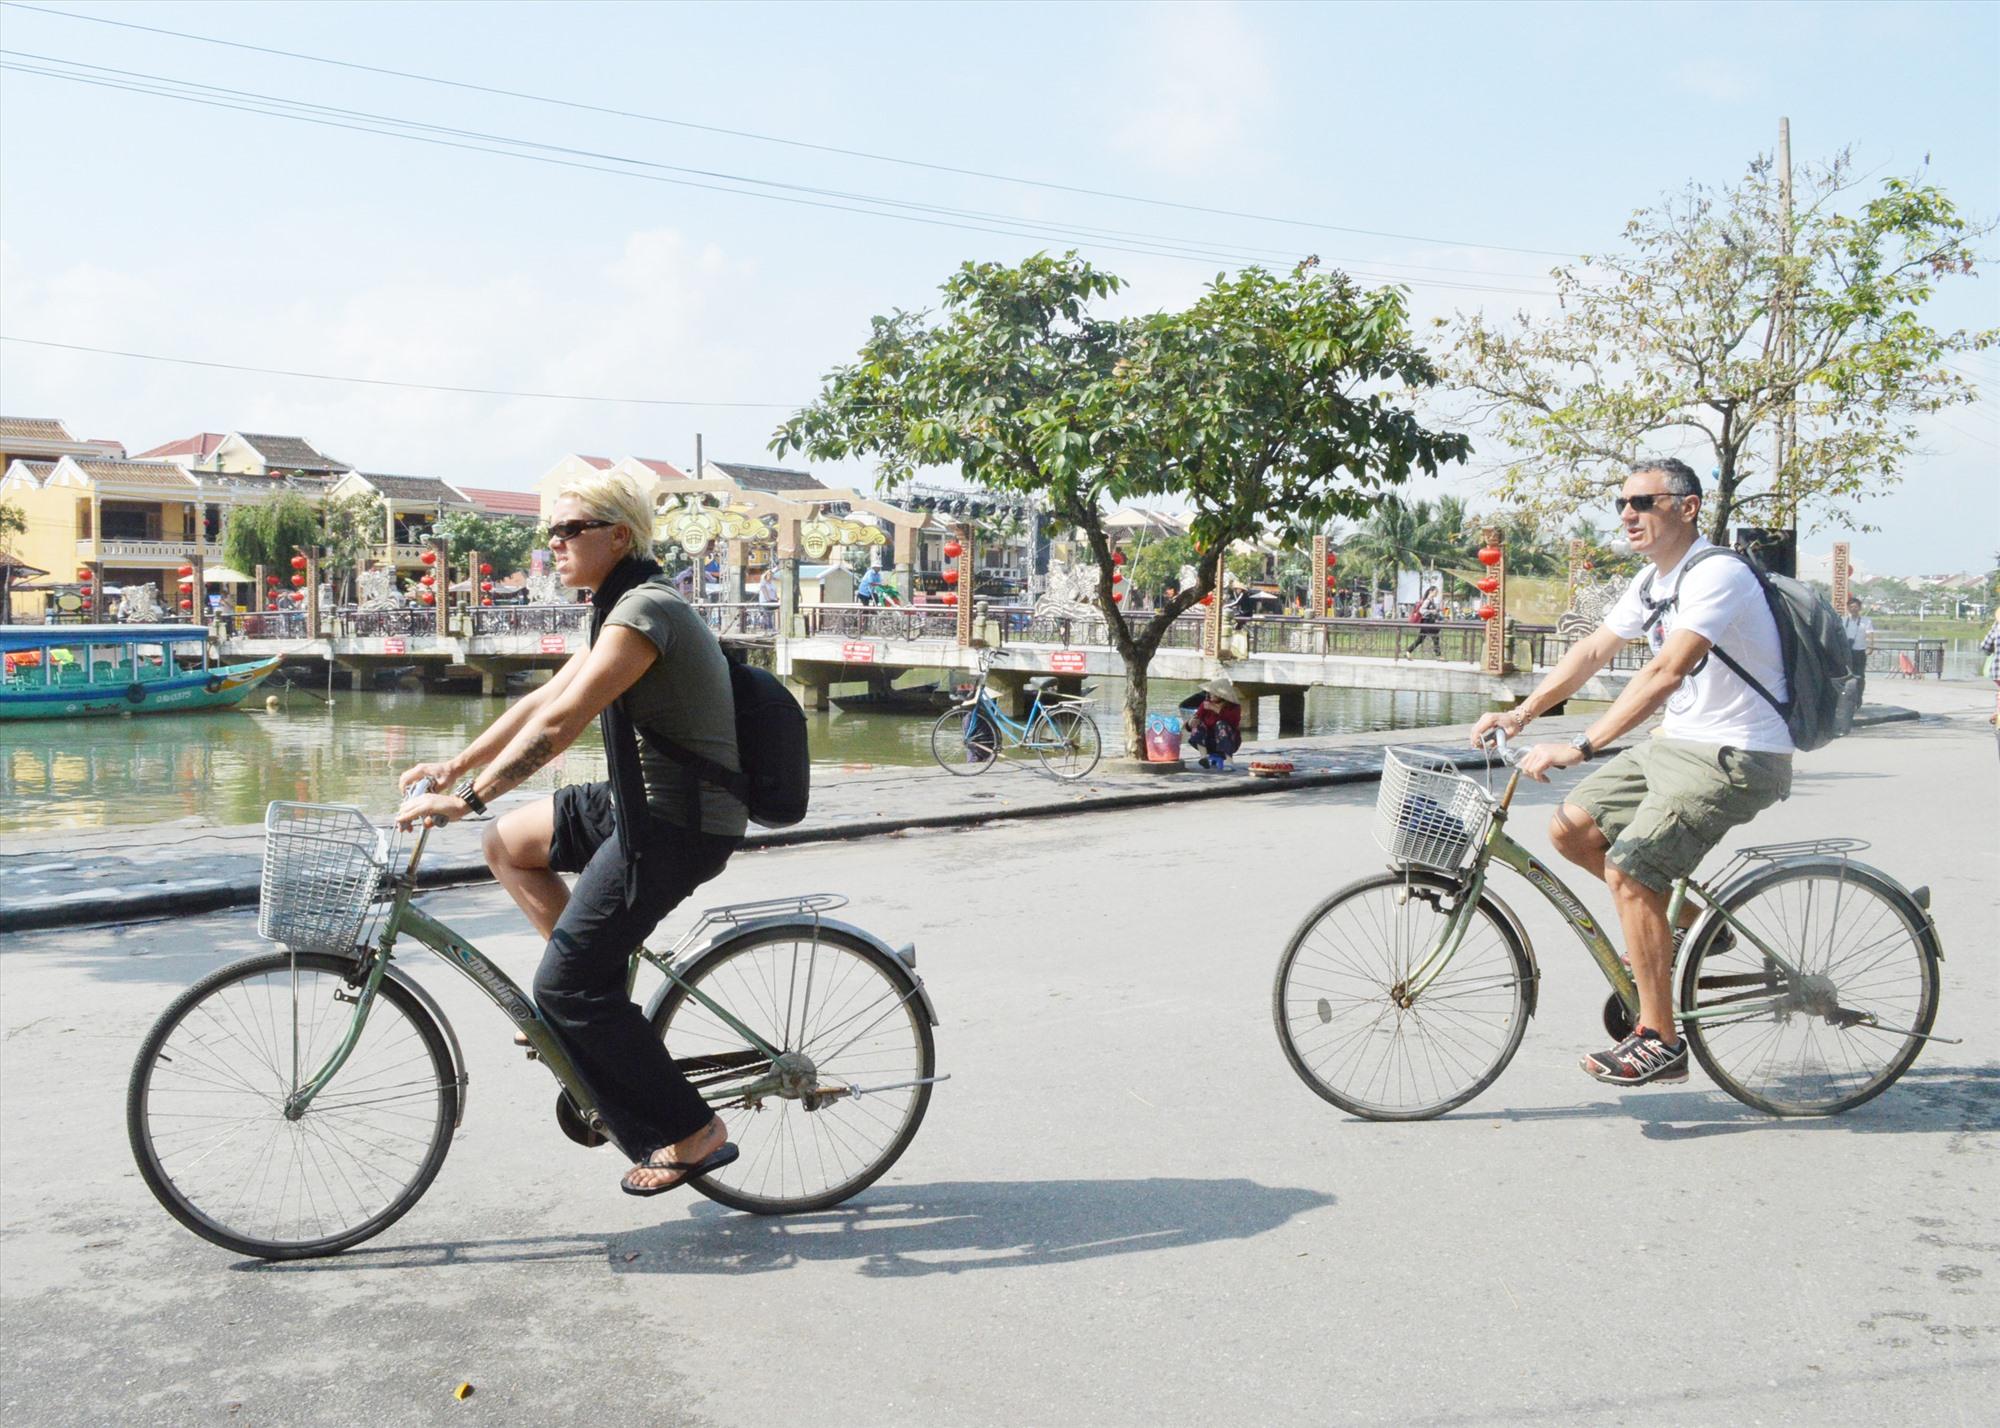 Xây dựng đô thị di sản thông minh sẽ giúp Hội An quản lý tốt các hoạt động xã hội, nhất là hoạt động du lịch và bảo tồn di sản. Ảnh: V.LỘC